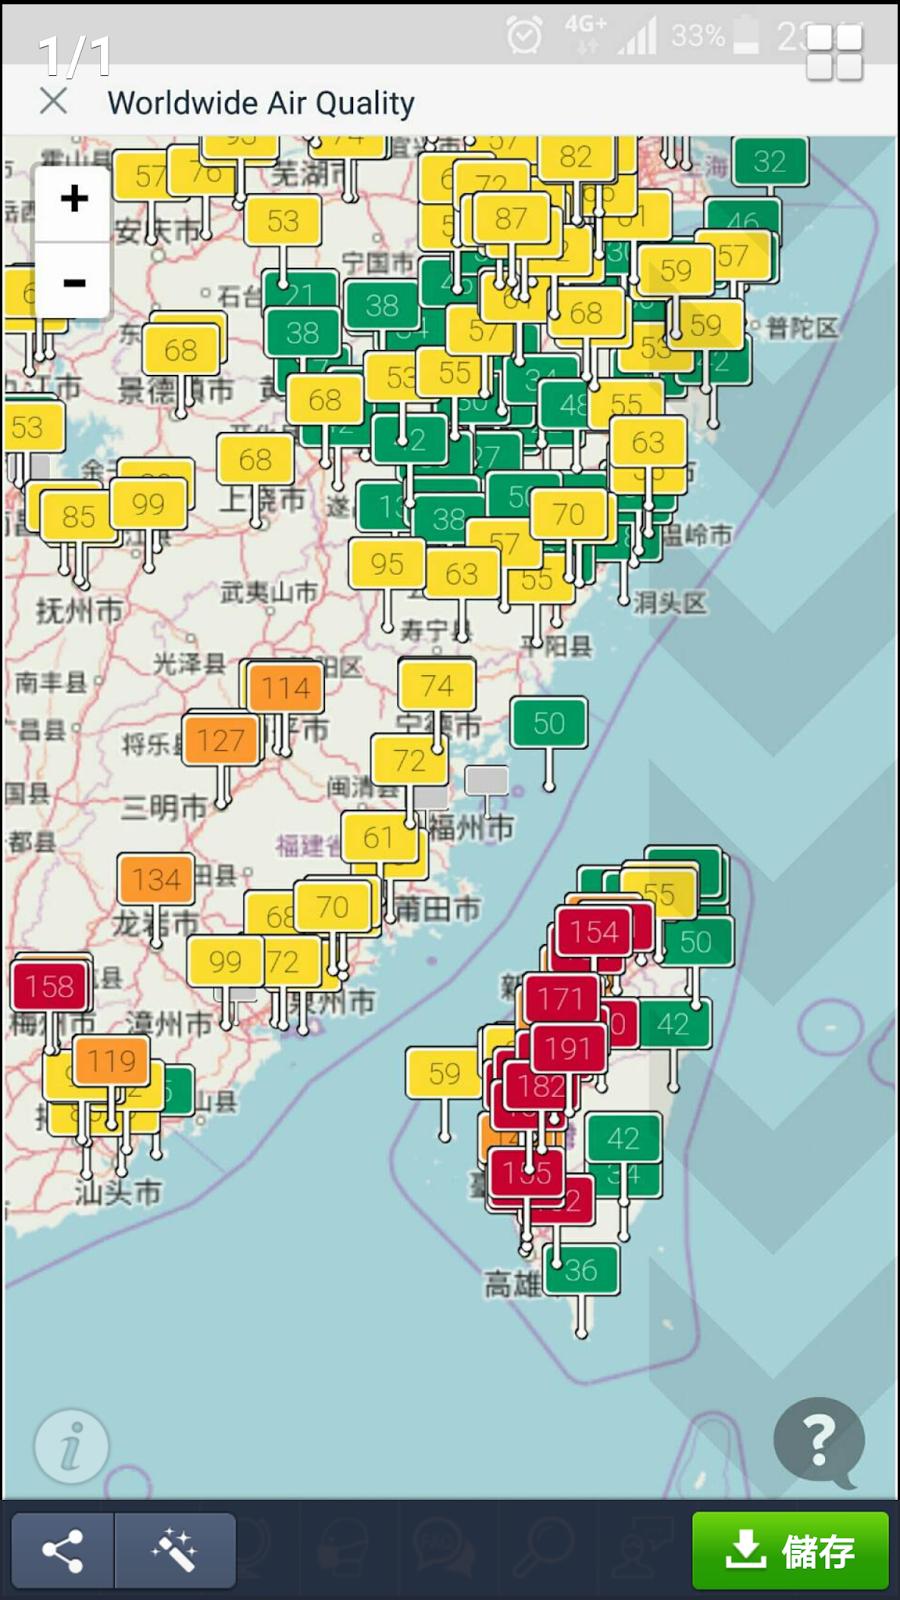 空污 霾害 雷達圖